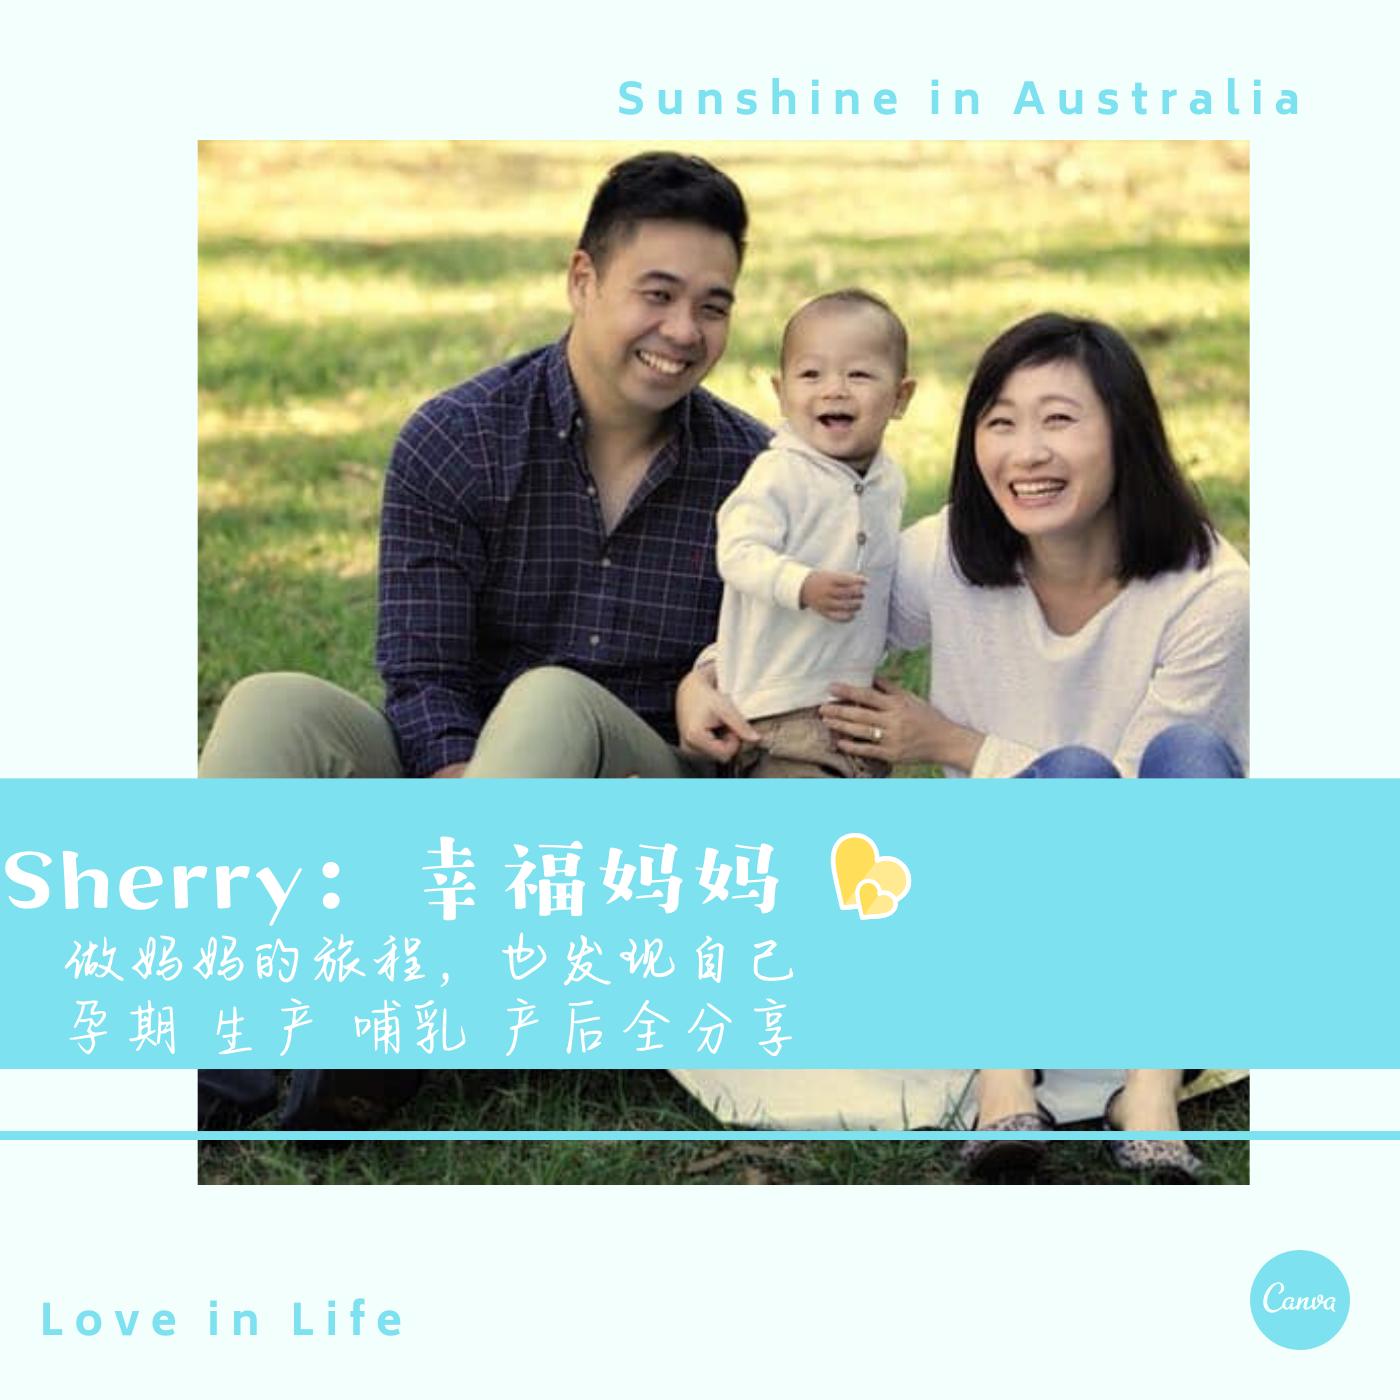 Sherry:幸福妈妈